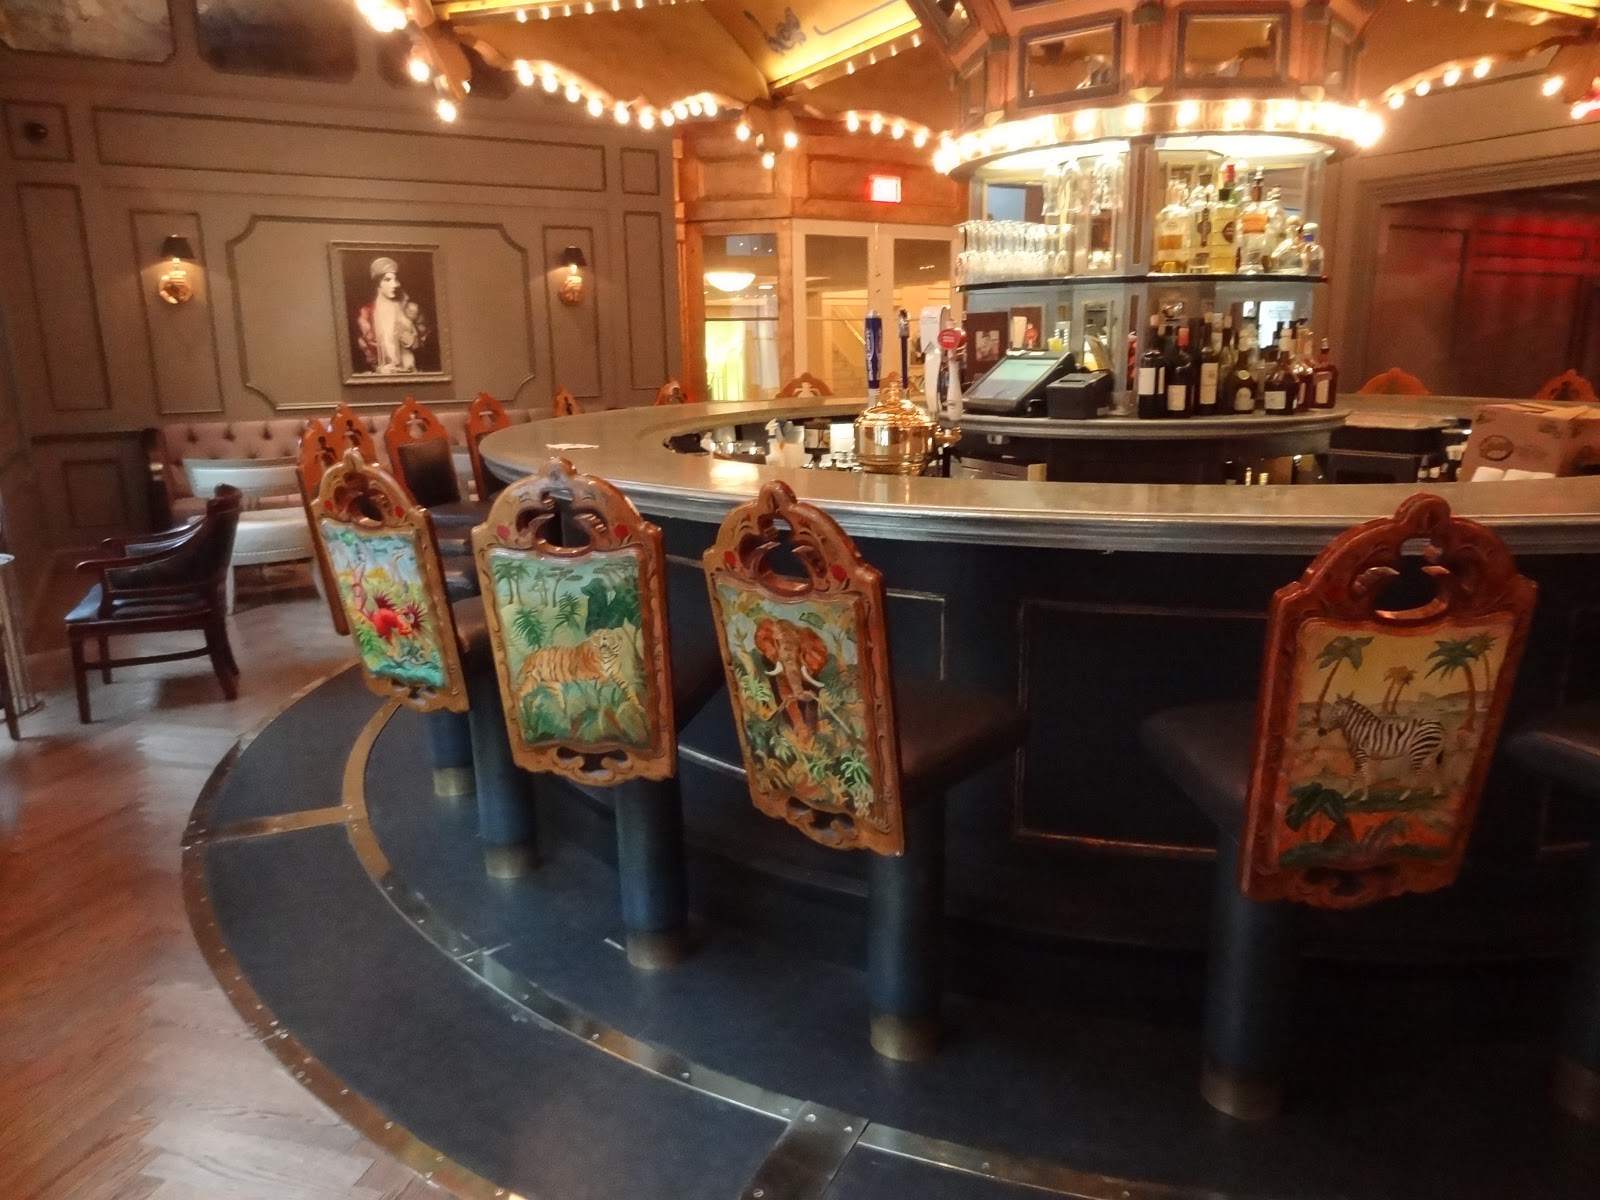 Jo traveler art for the eye at carousel bar new orleans